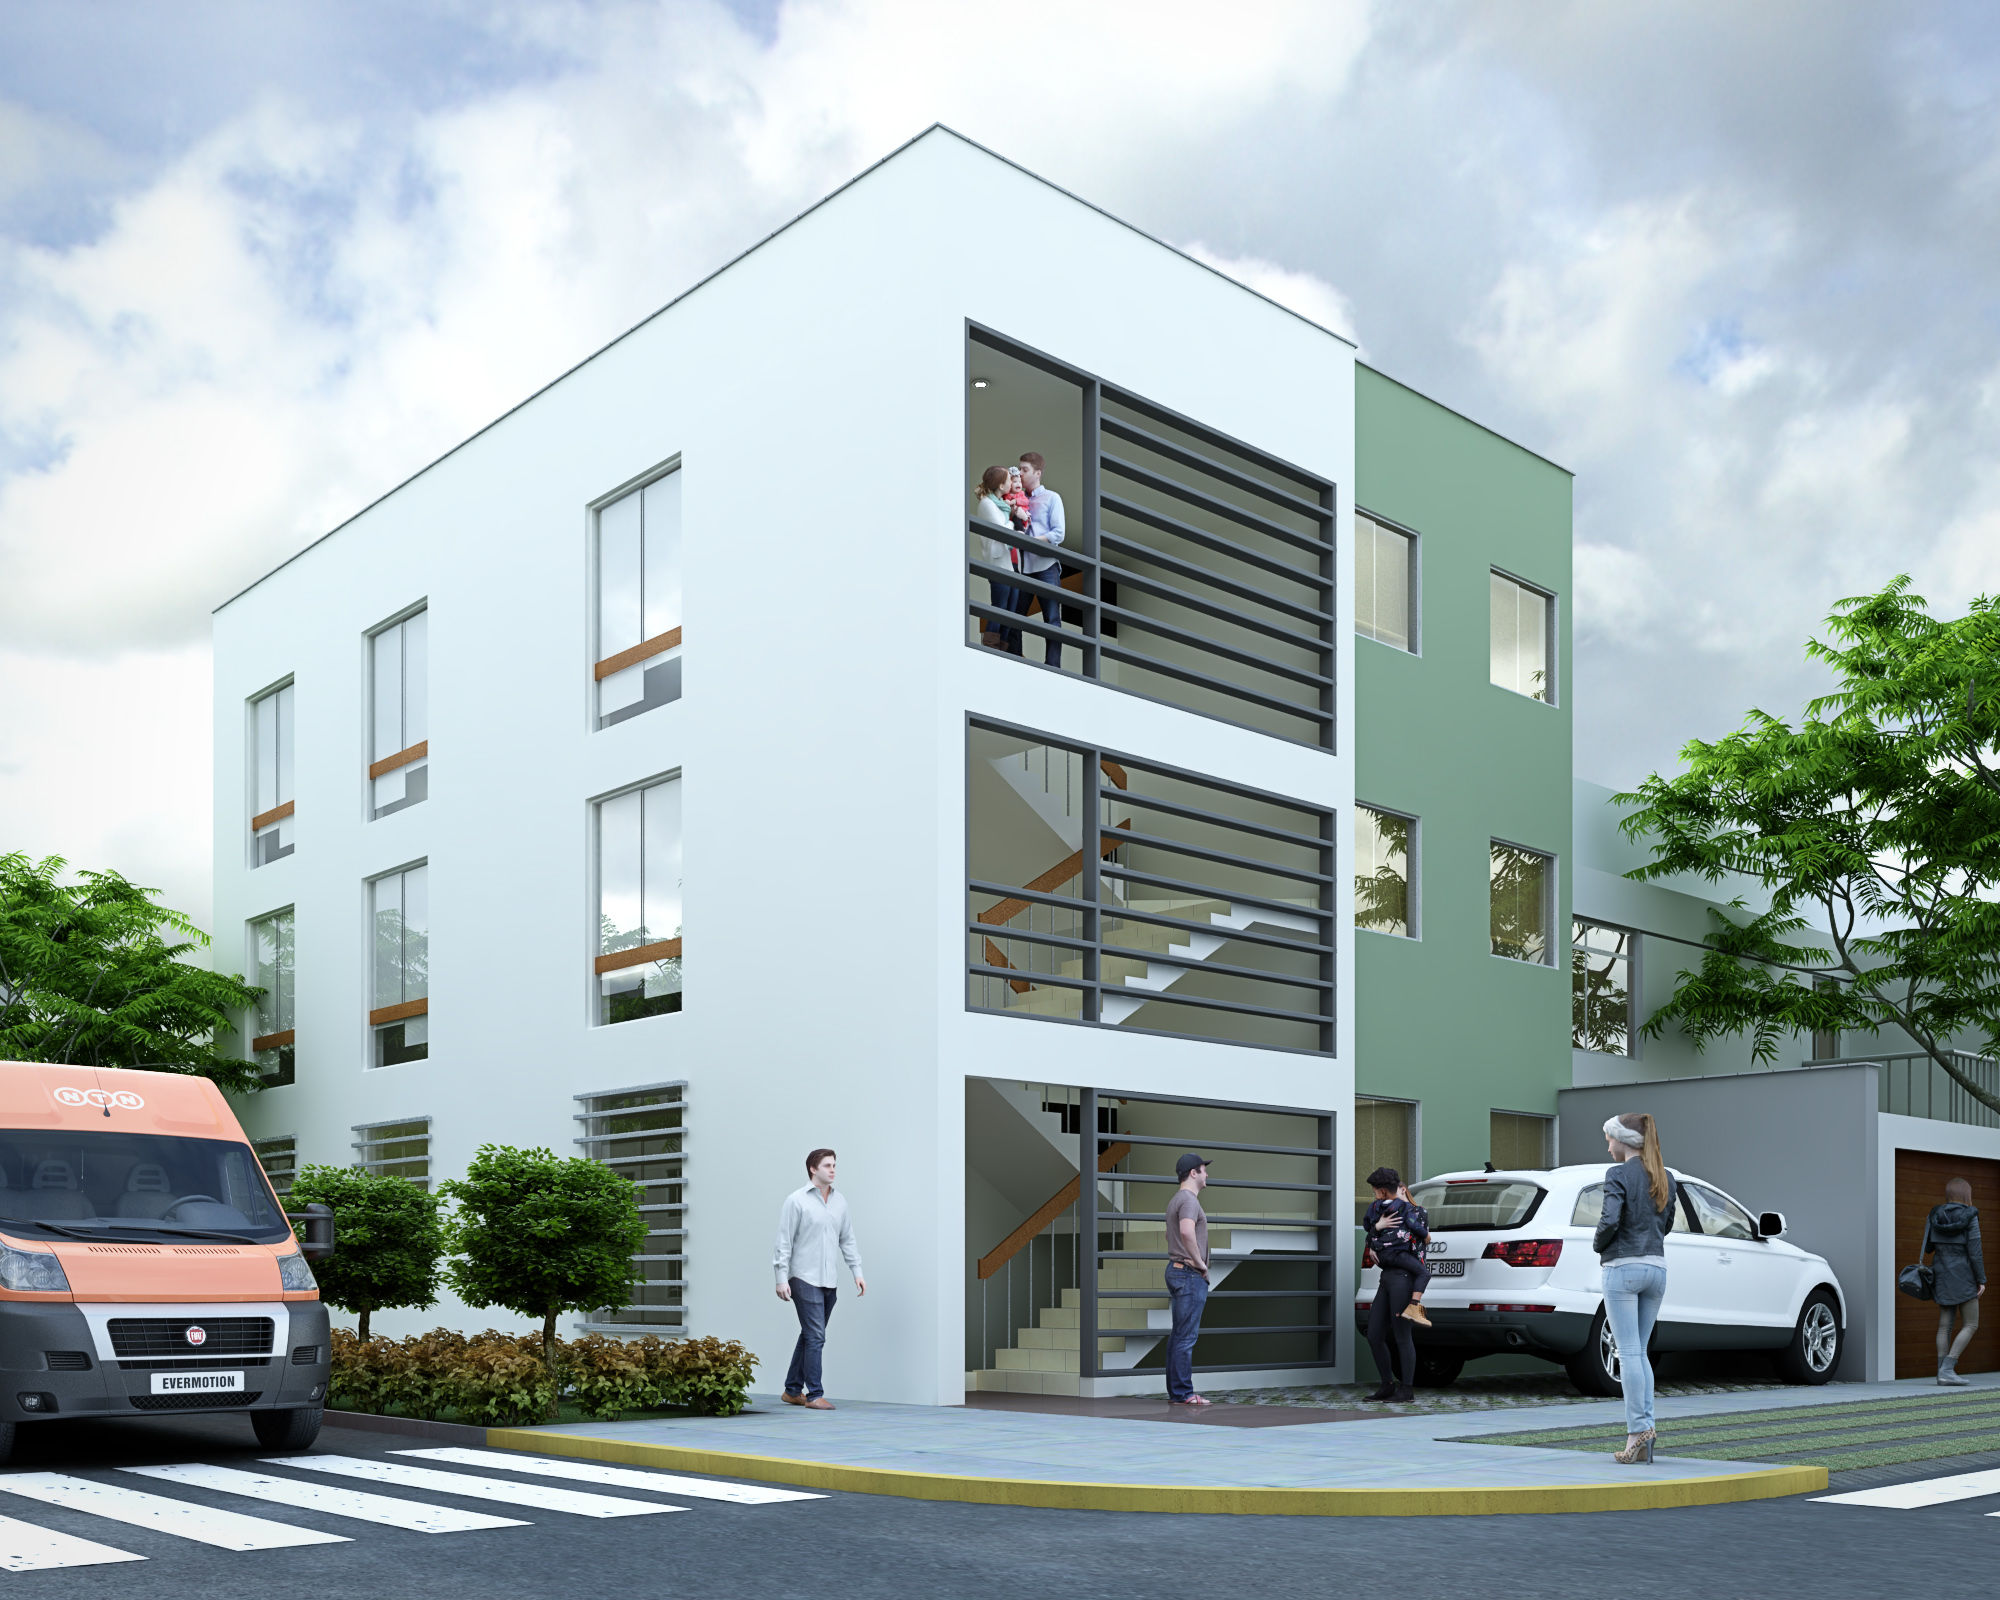 Casa-2-3500-3500